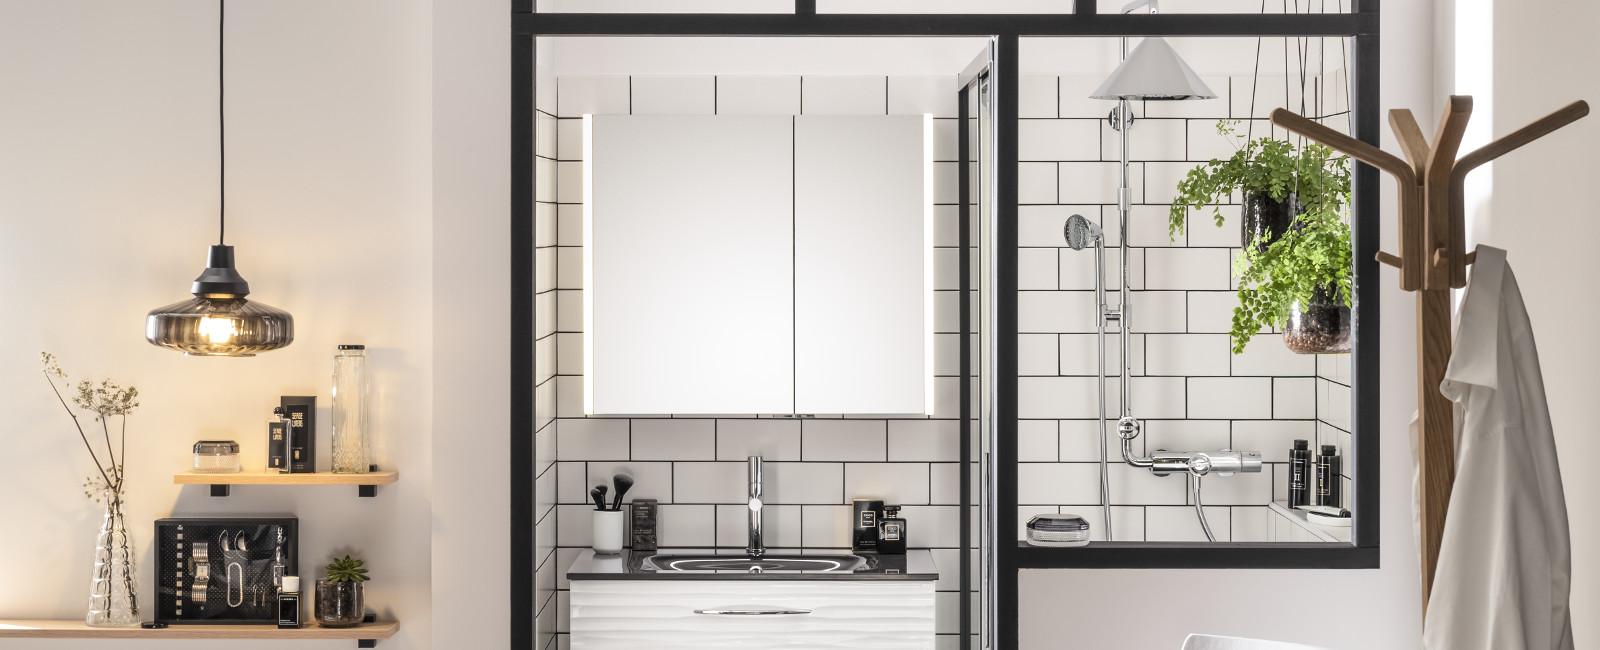 Carrelage Salle De Bain Noir Brillant les tendances carrelages pour la salle de bains | delpha